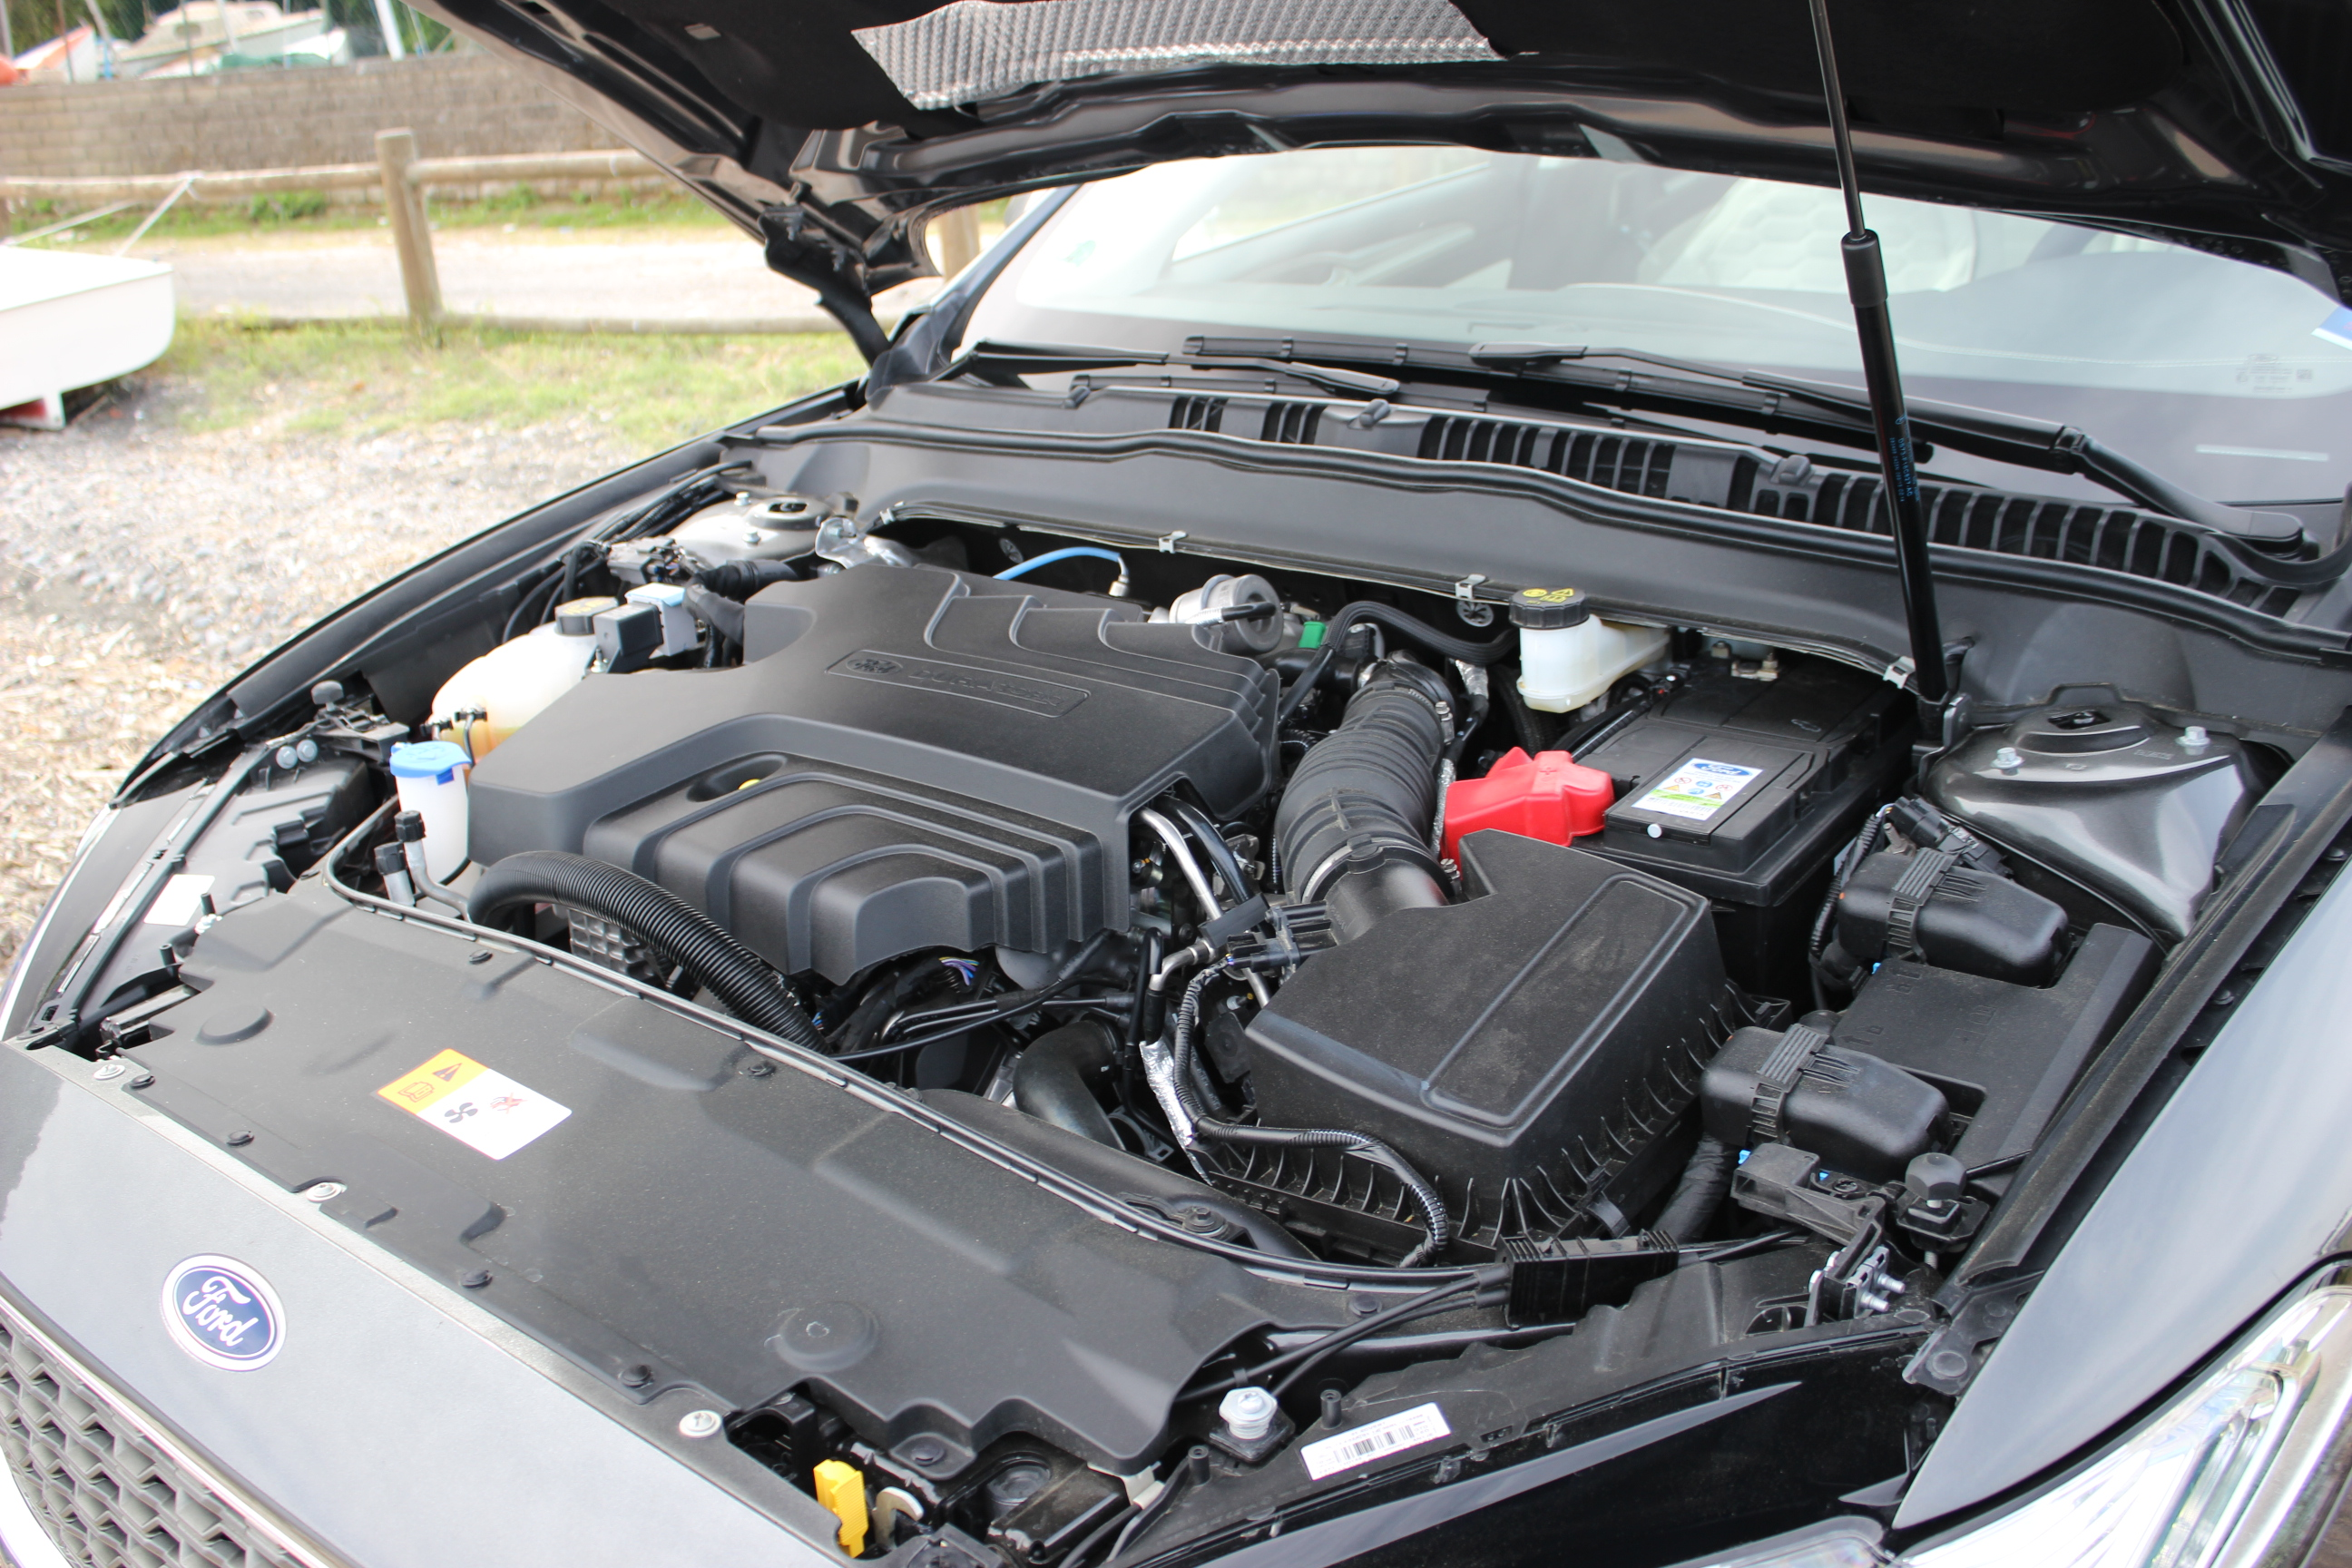 Essai ford mondeo vignale le billet auto passion automobile - C T Motorisations Uniquement Le Gratin Essai Vid O Ford Mondeo Vignale